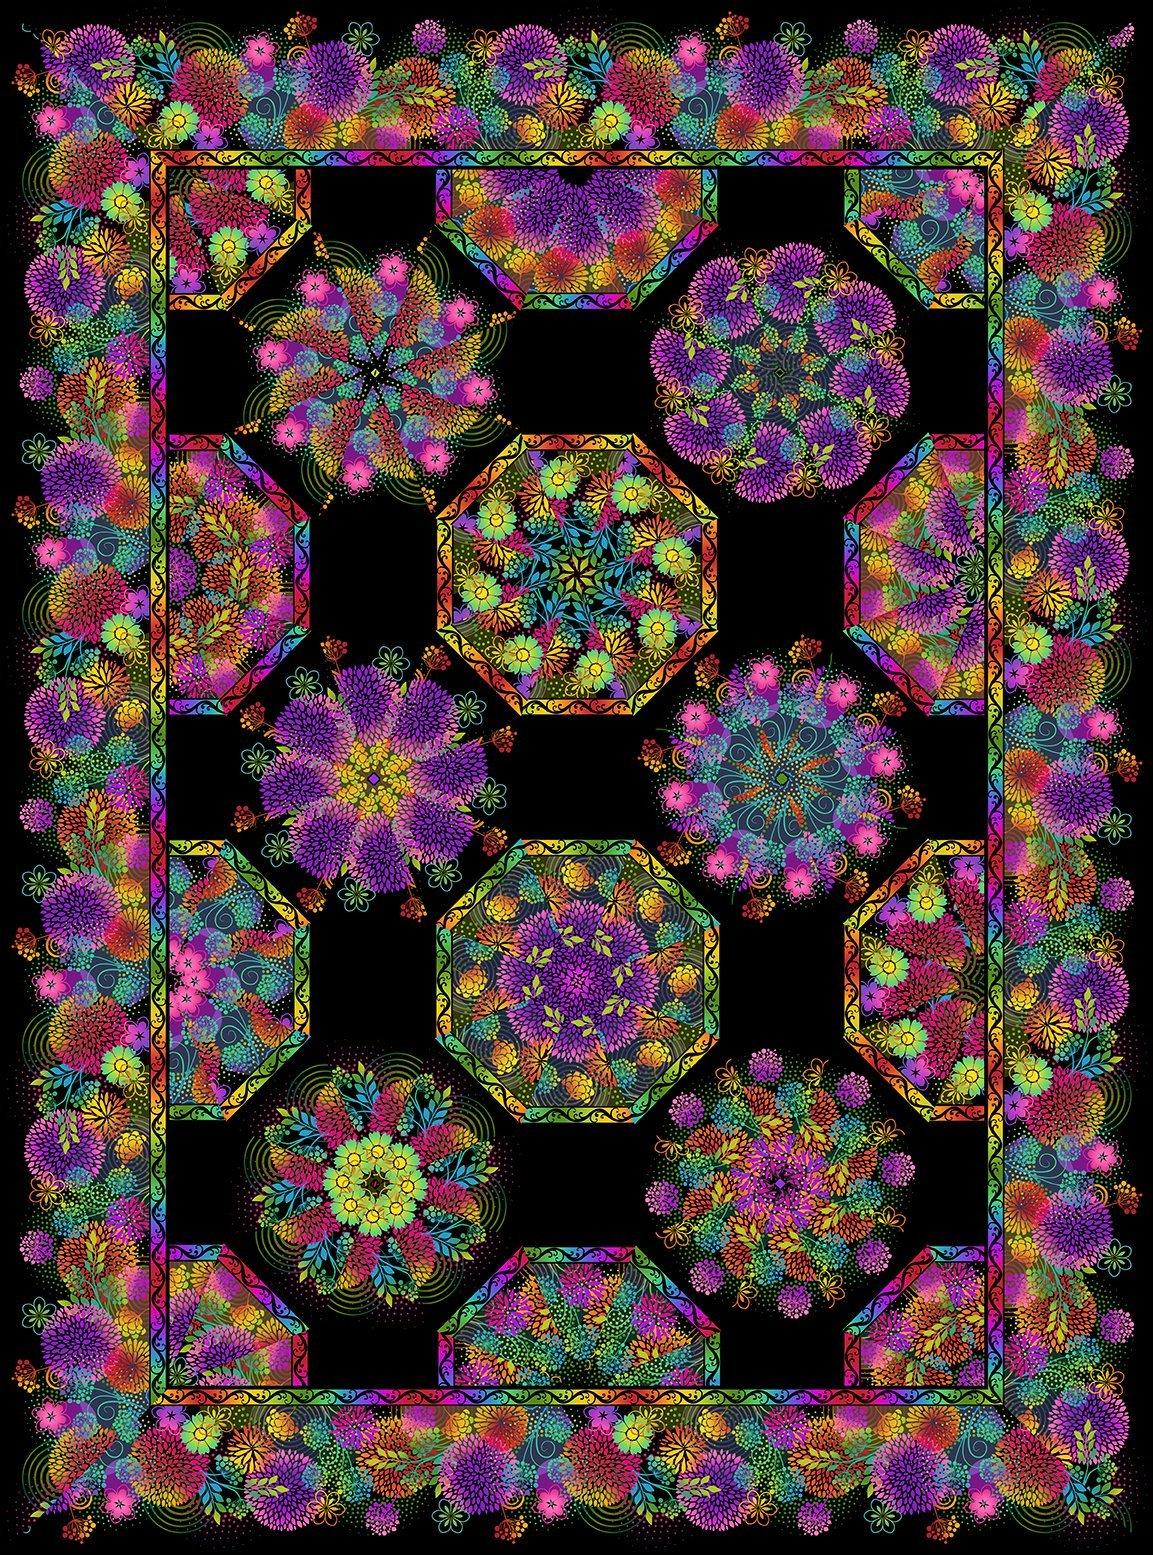 Unusual Garden- Kaleidoscope